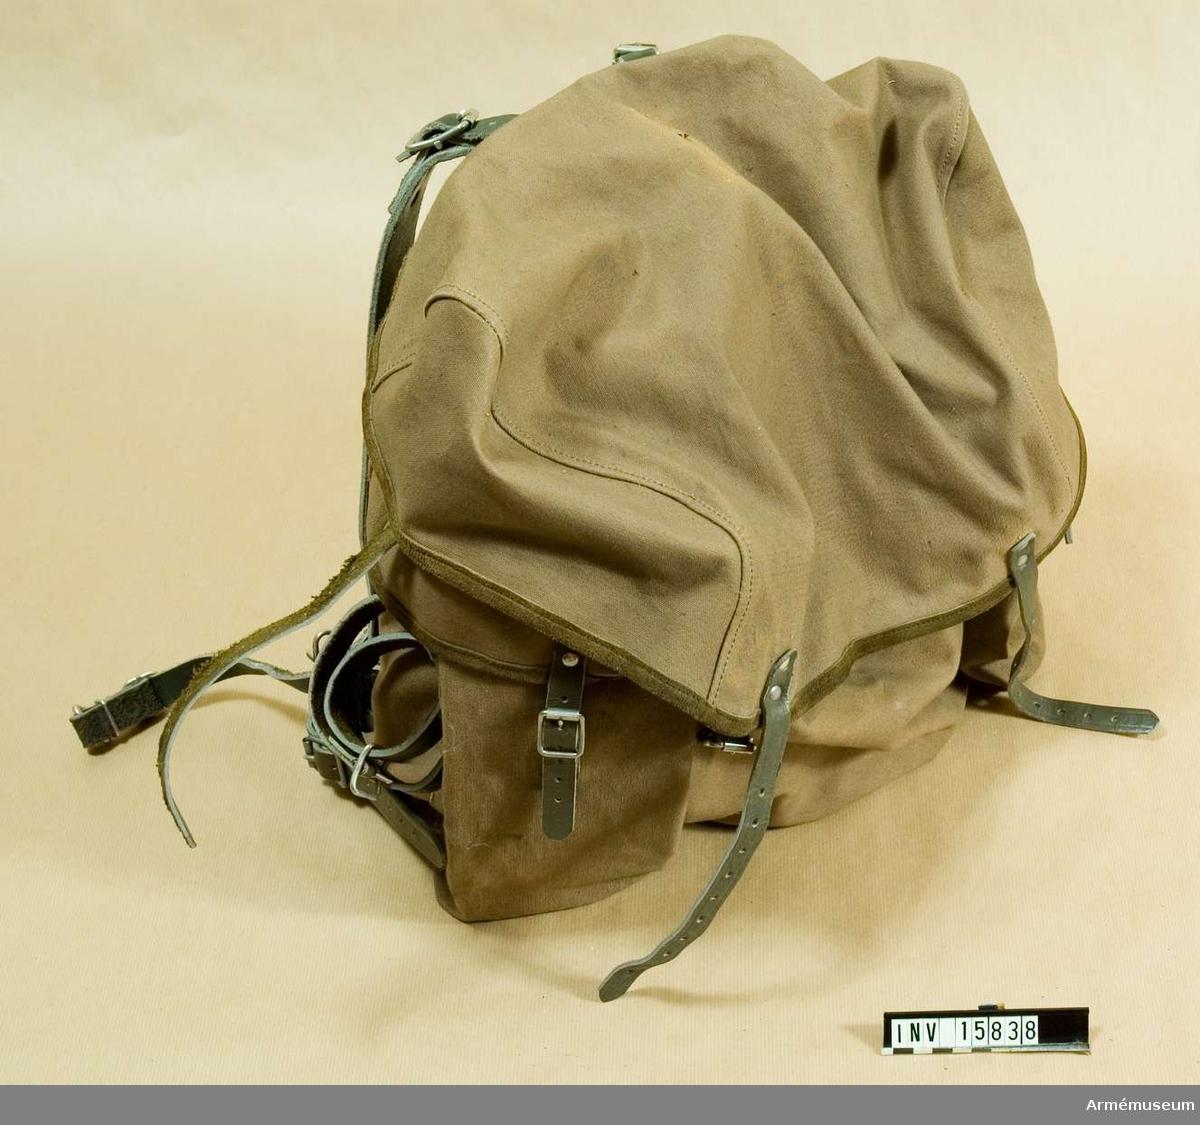 Grupp C 1. Ryggsäck av norsk modell med botten av järn (triangelform) med bälte av järn (halvrund). Säcken är av impregnerat brunt tyg med två sidofickor. Säcken bindes fast med grönt snöre och stänges med två remmar med spännen. På sidan av säcken finns remmar för att packa stövlar eller pjäxor. På ryggsäckens baksida finns remmar för att järnstängerna inte ligga på ryggen och längs midjan finns ett bälte av tjockt bomull. Säcken har två axelremmar för att bära säcken.